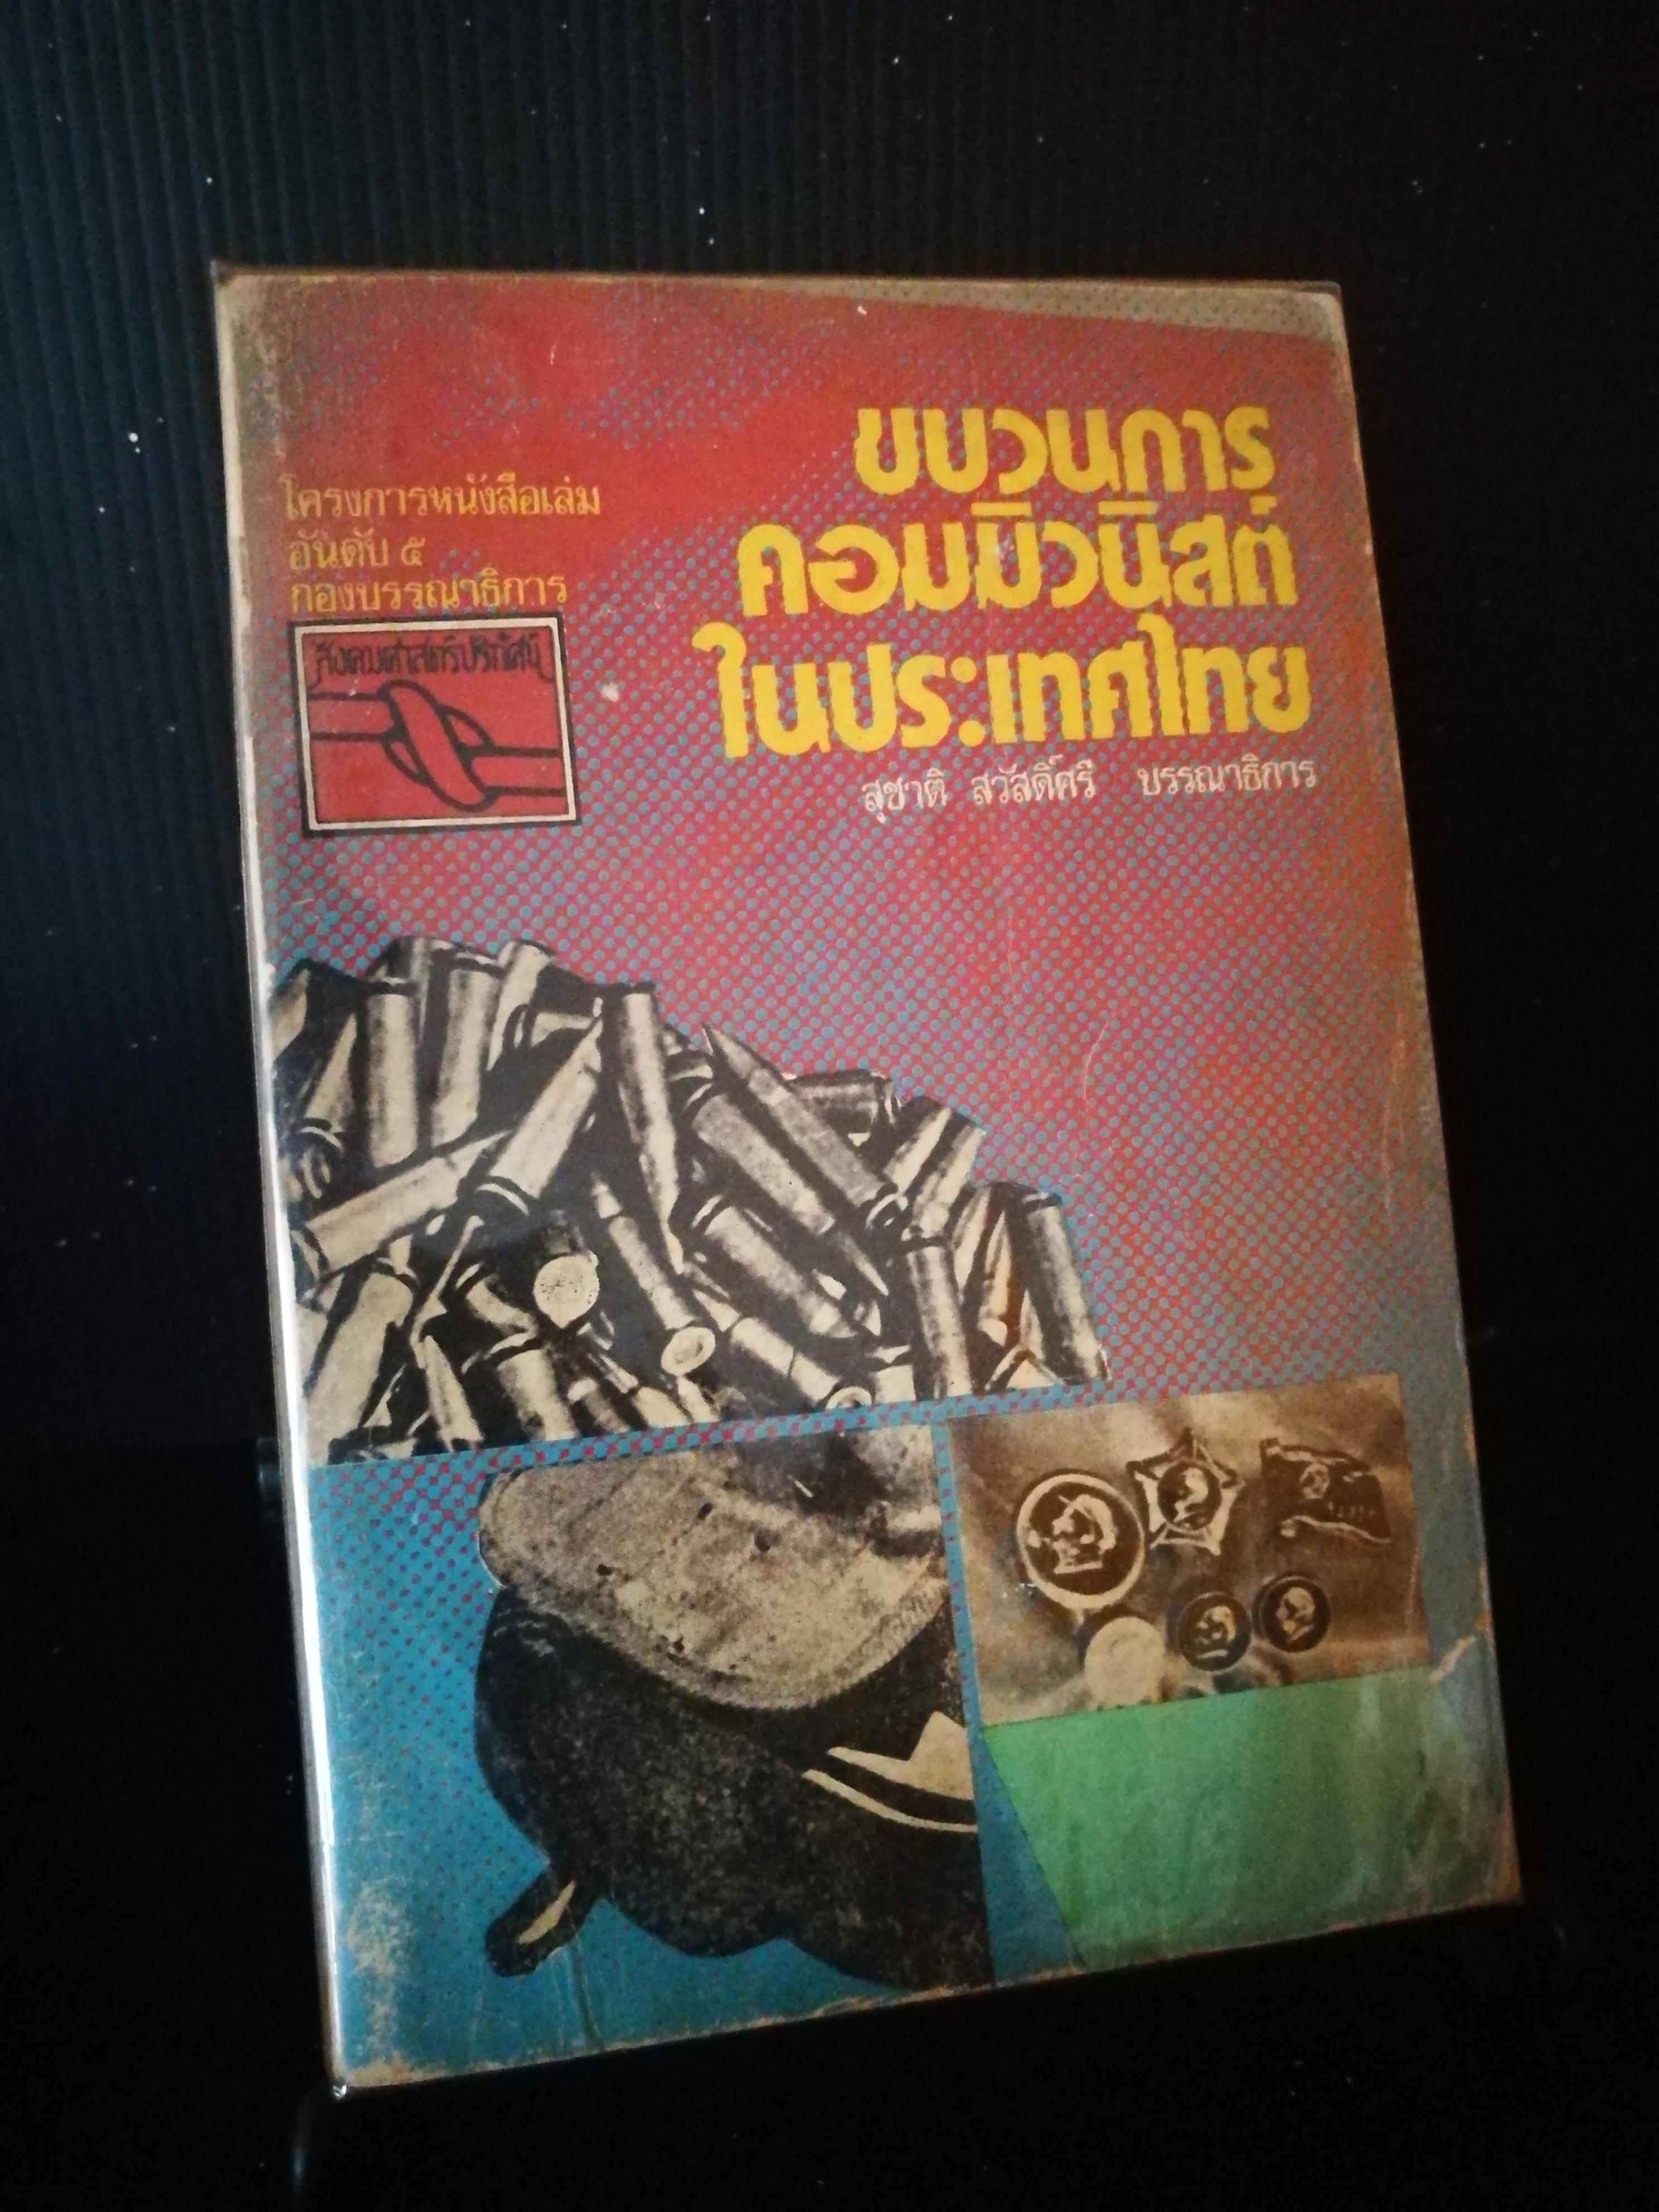 ขบวนการคอมมิวนิสต์ในประเทศไทย (หนังสือต้องห้าม)